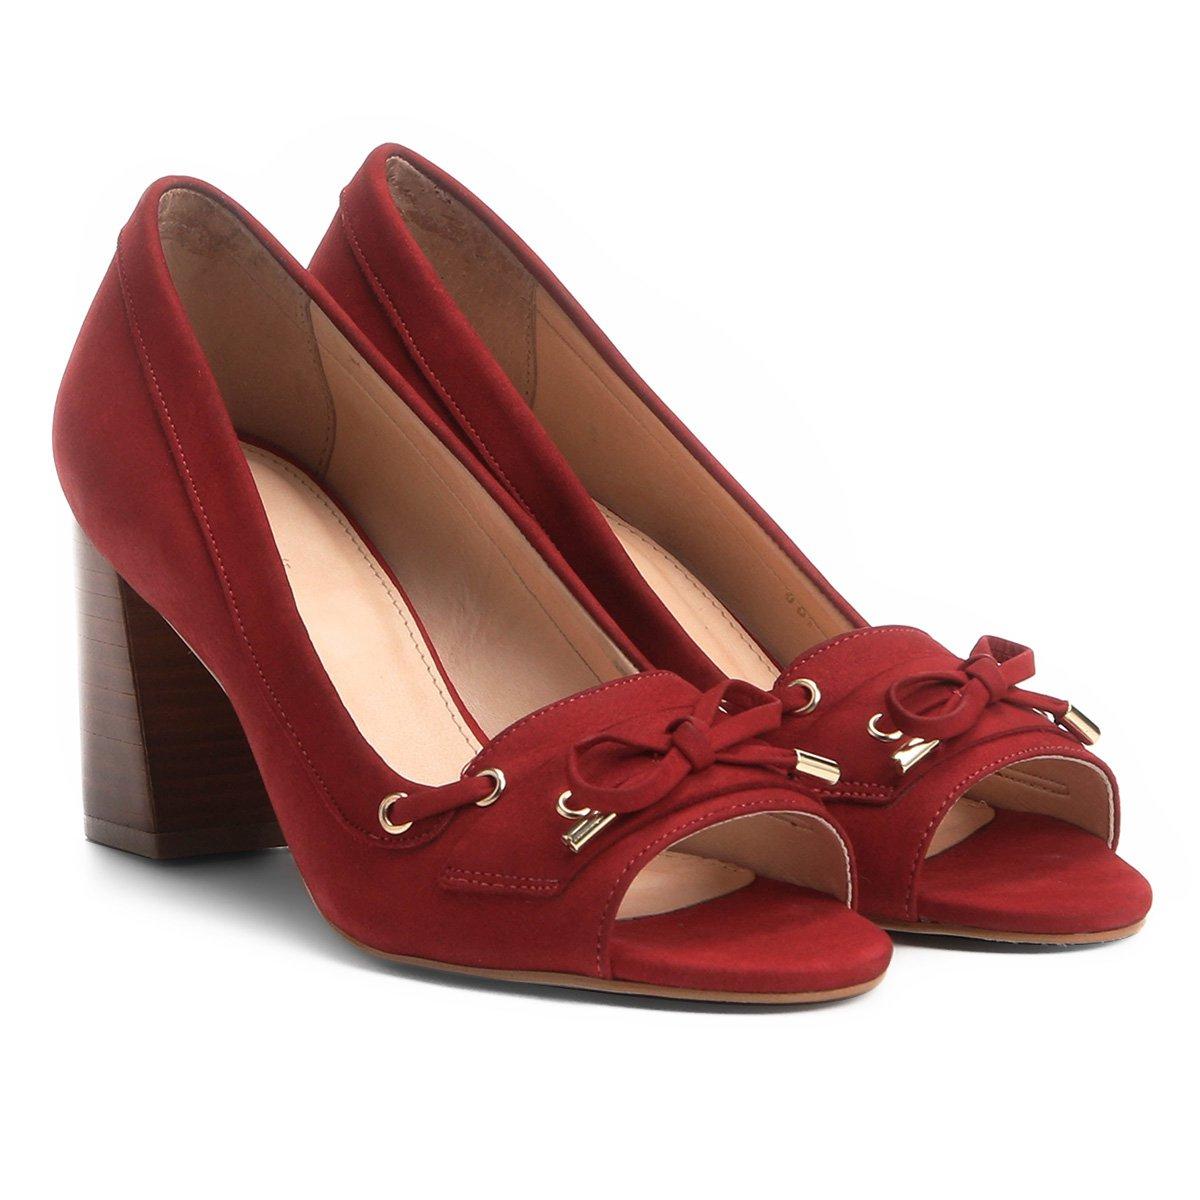 94bac4b7df Peep Toe Couro Shoestock Salto Grosso - Vermelho - Compre Agora ...